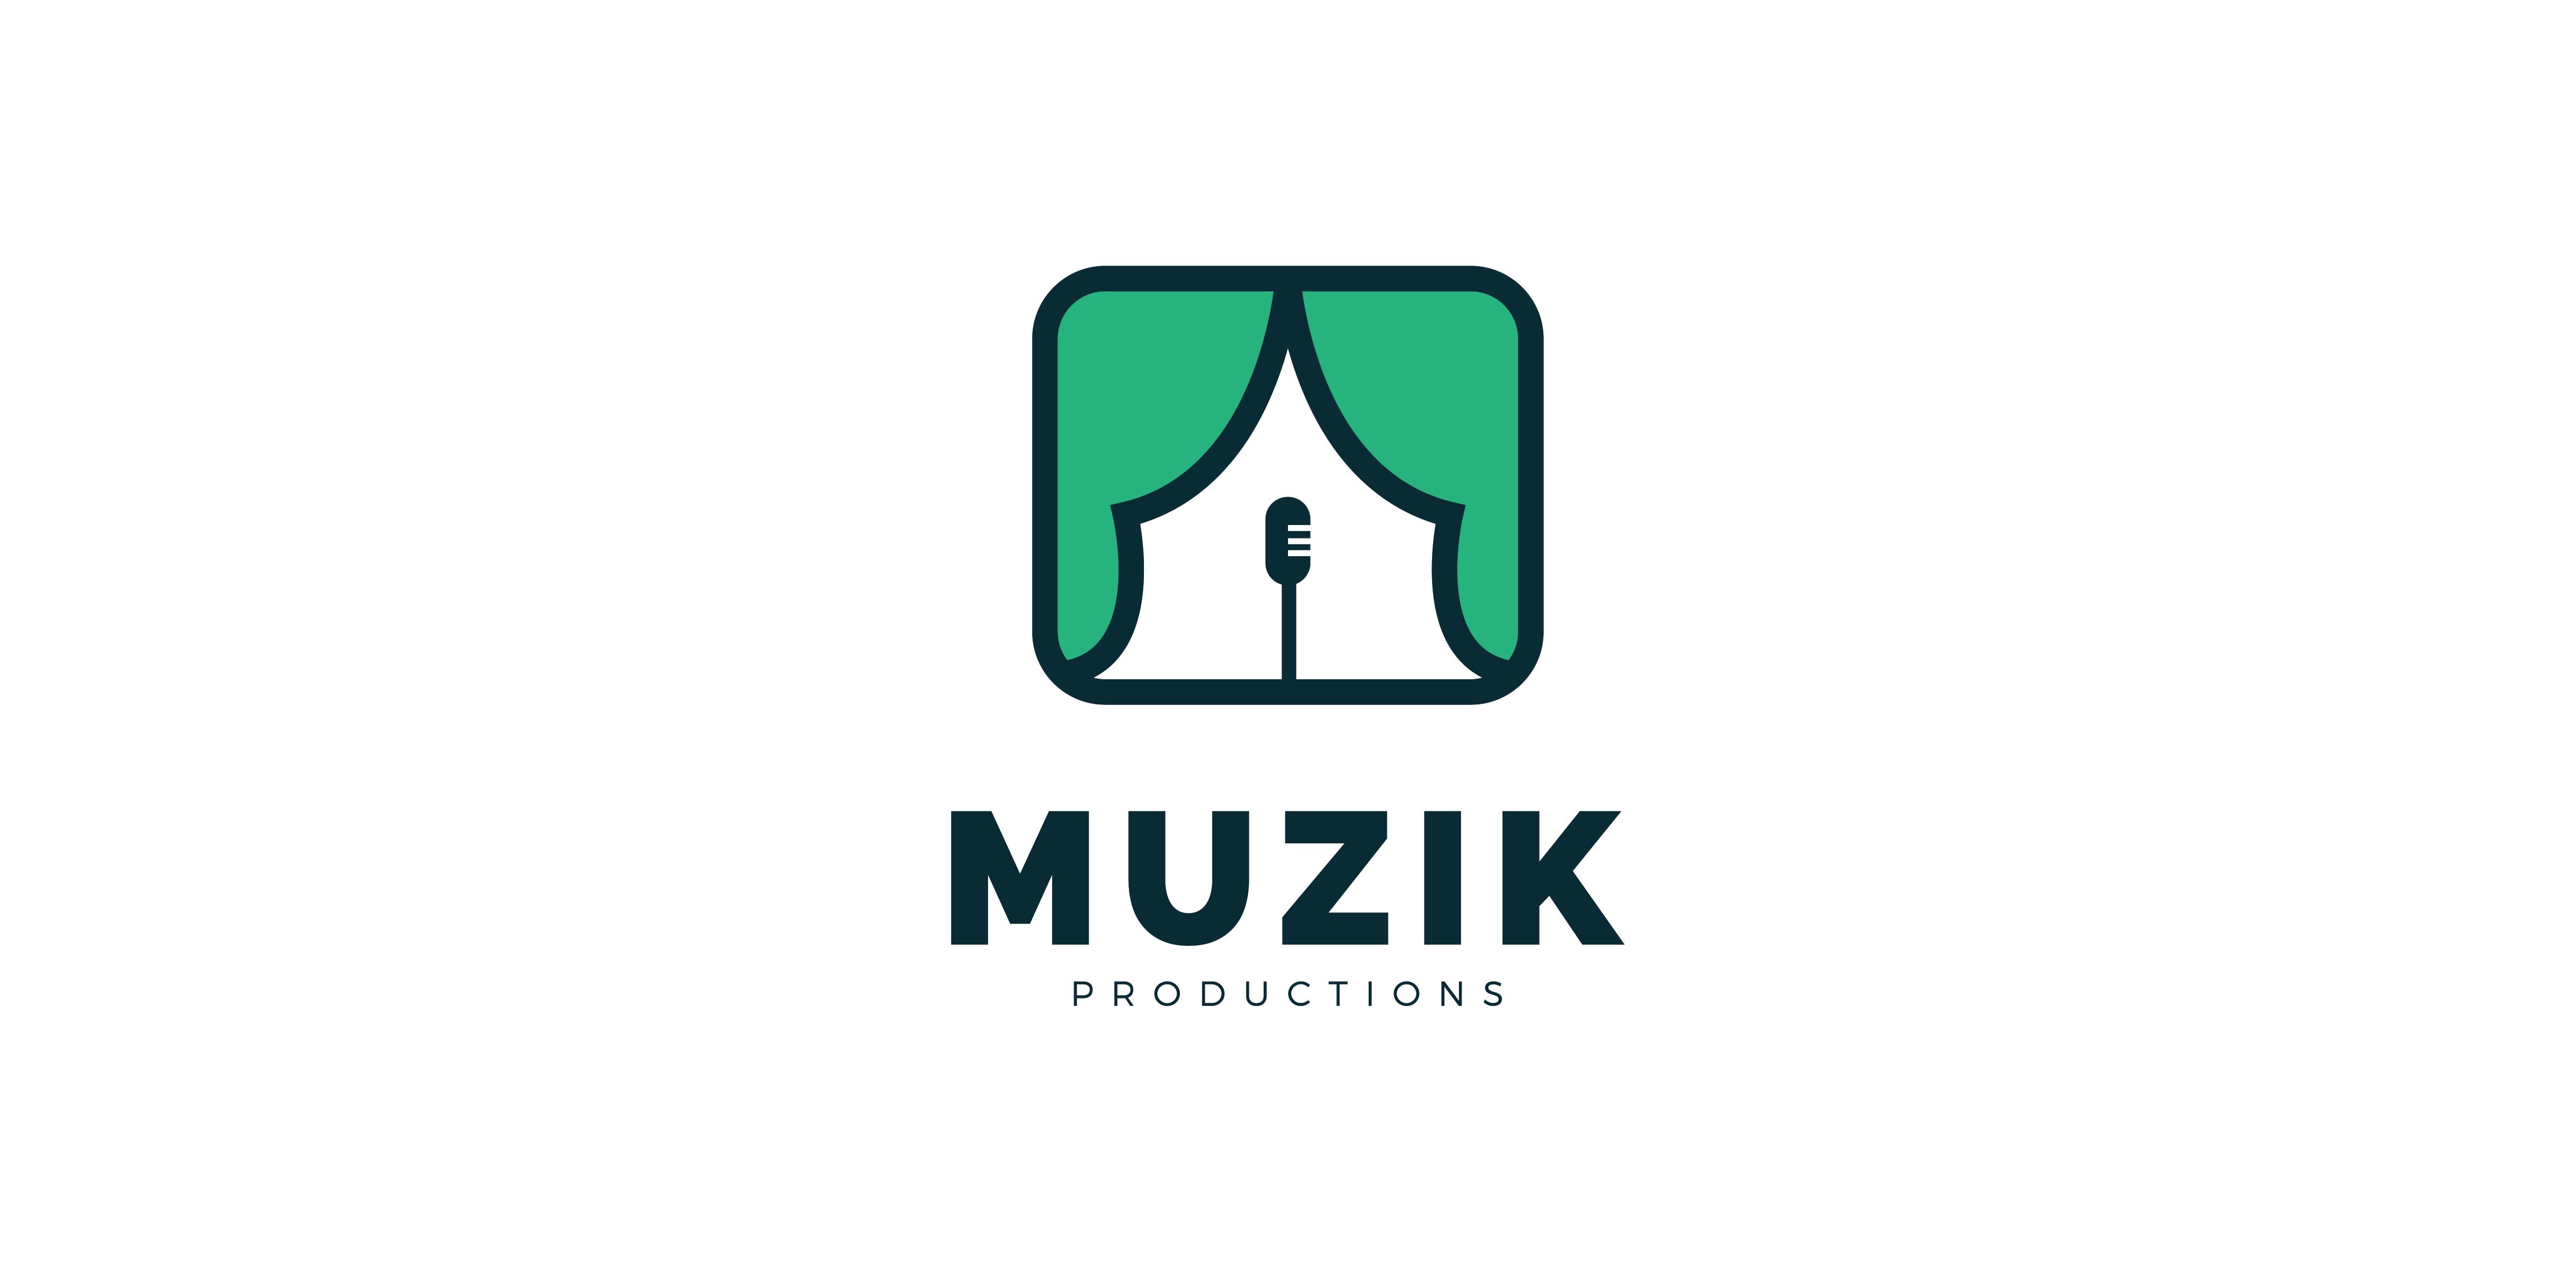 Muzik Productions